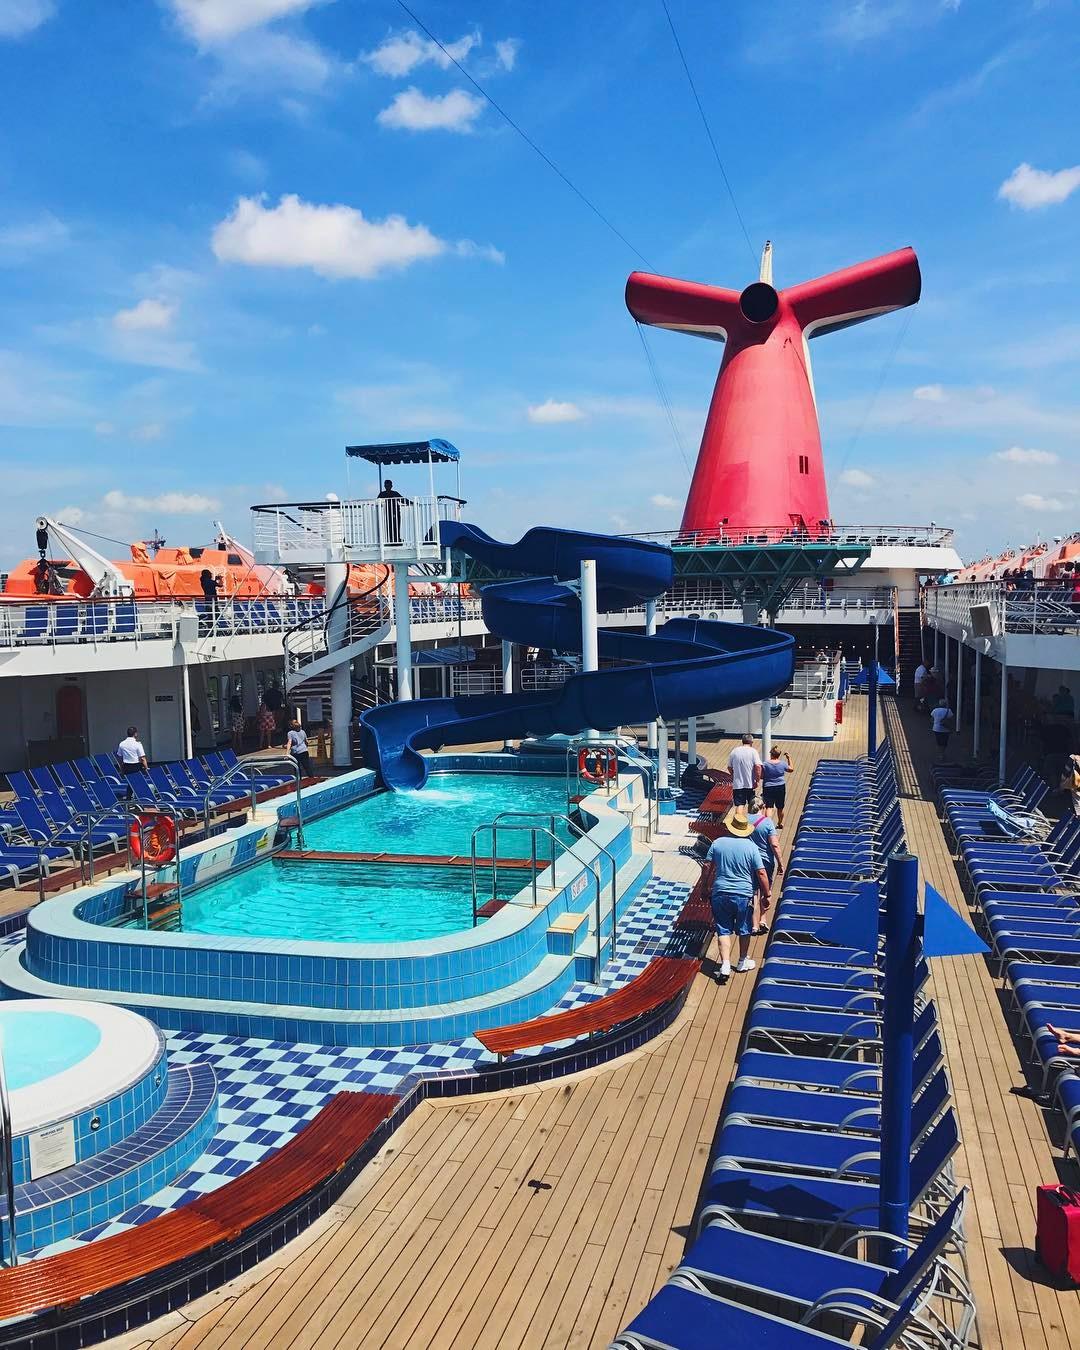 Photo Courtesy of Nautical Knot Travel